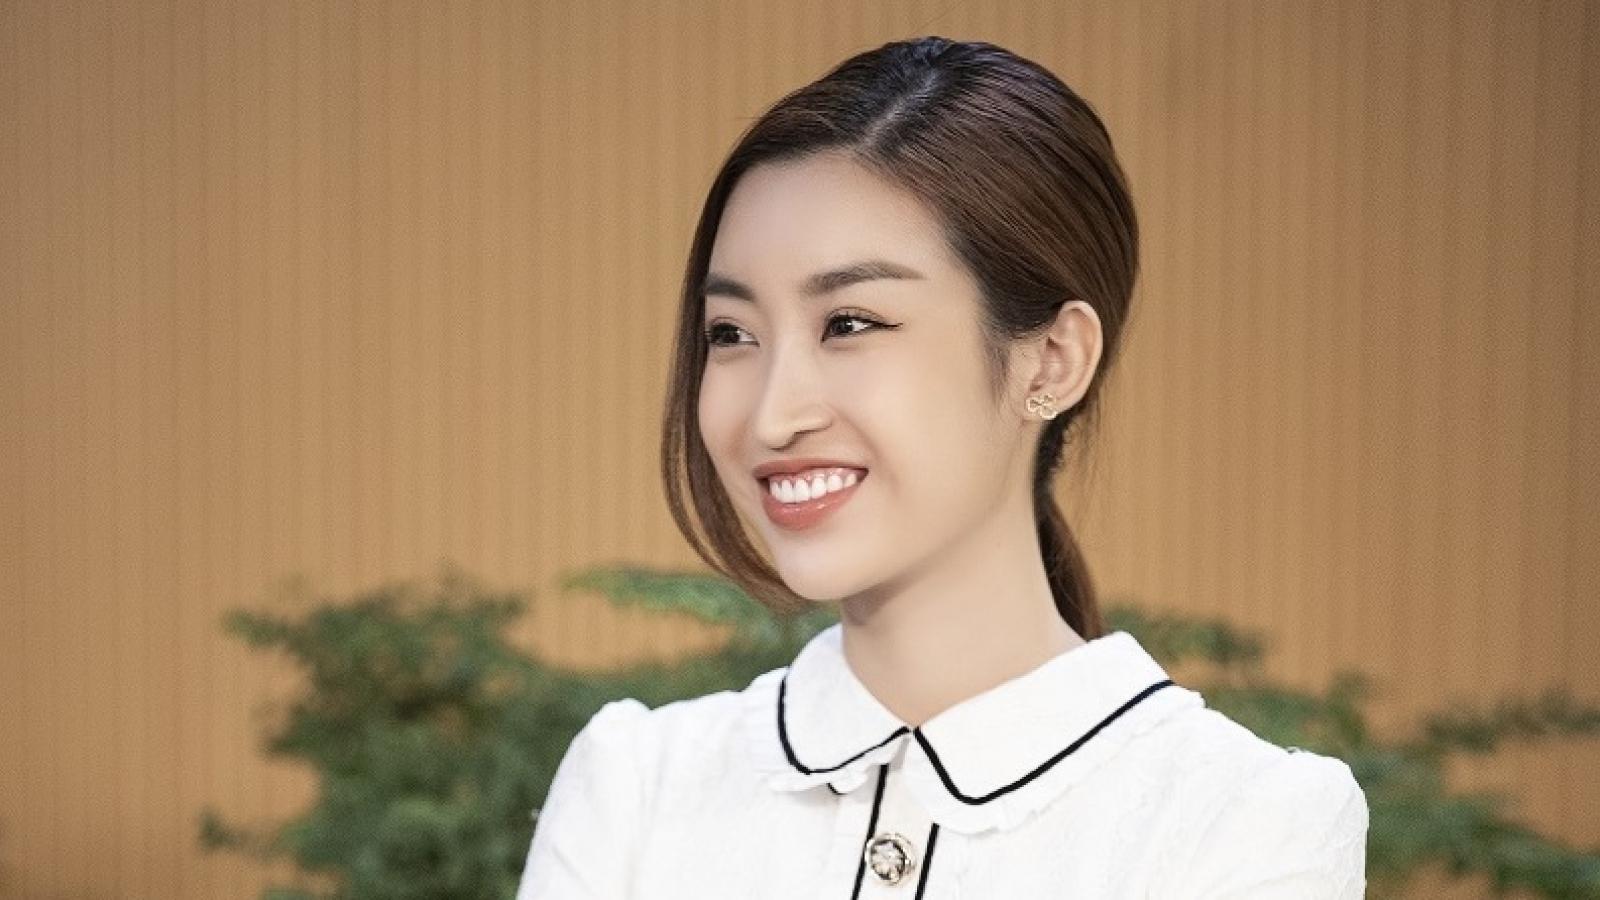 """Hoa hậu Đỗ Mỹ Linh """"gài hàng"""" Hương Giang và nhận cái kết """"thảm"""""""